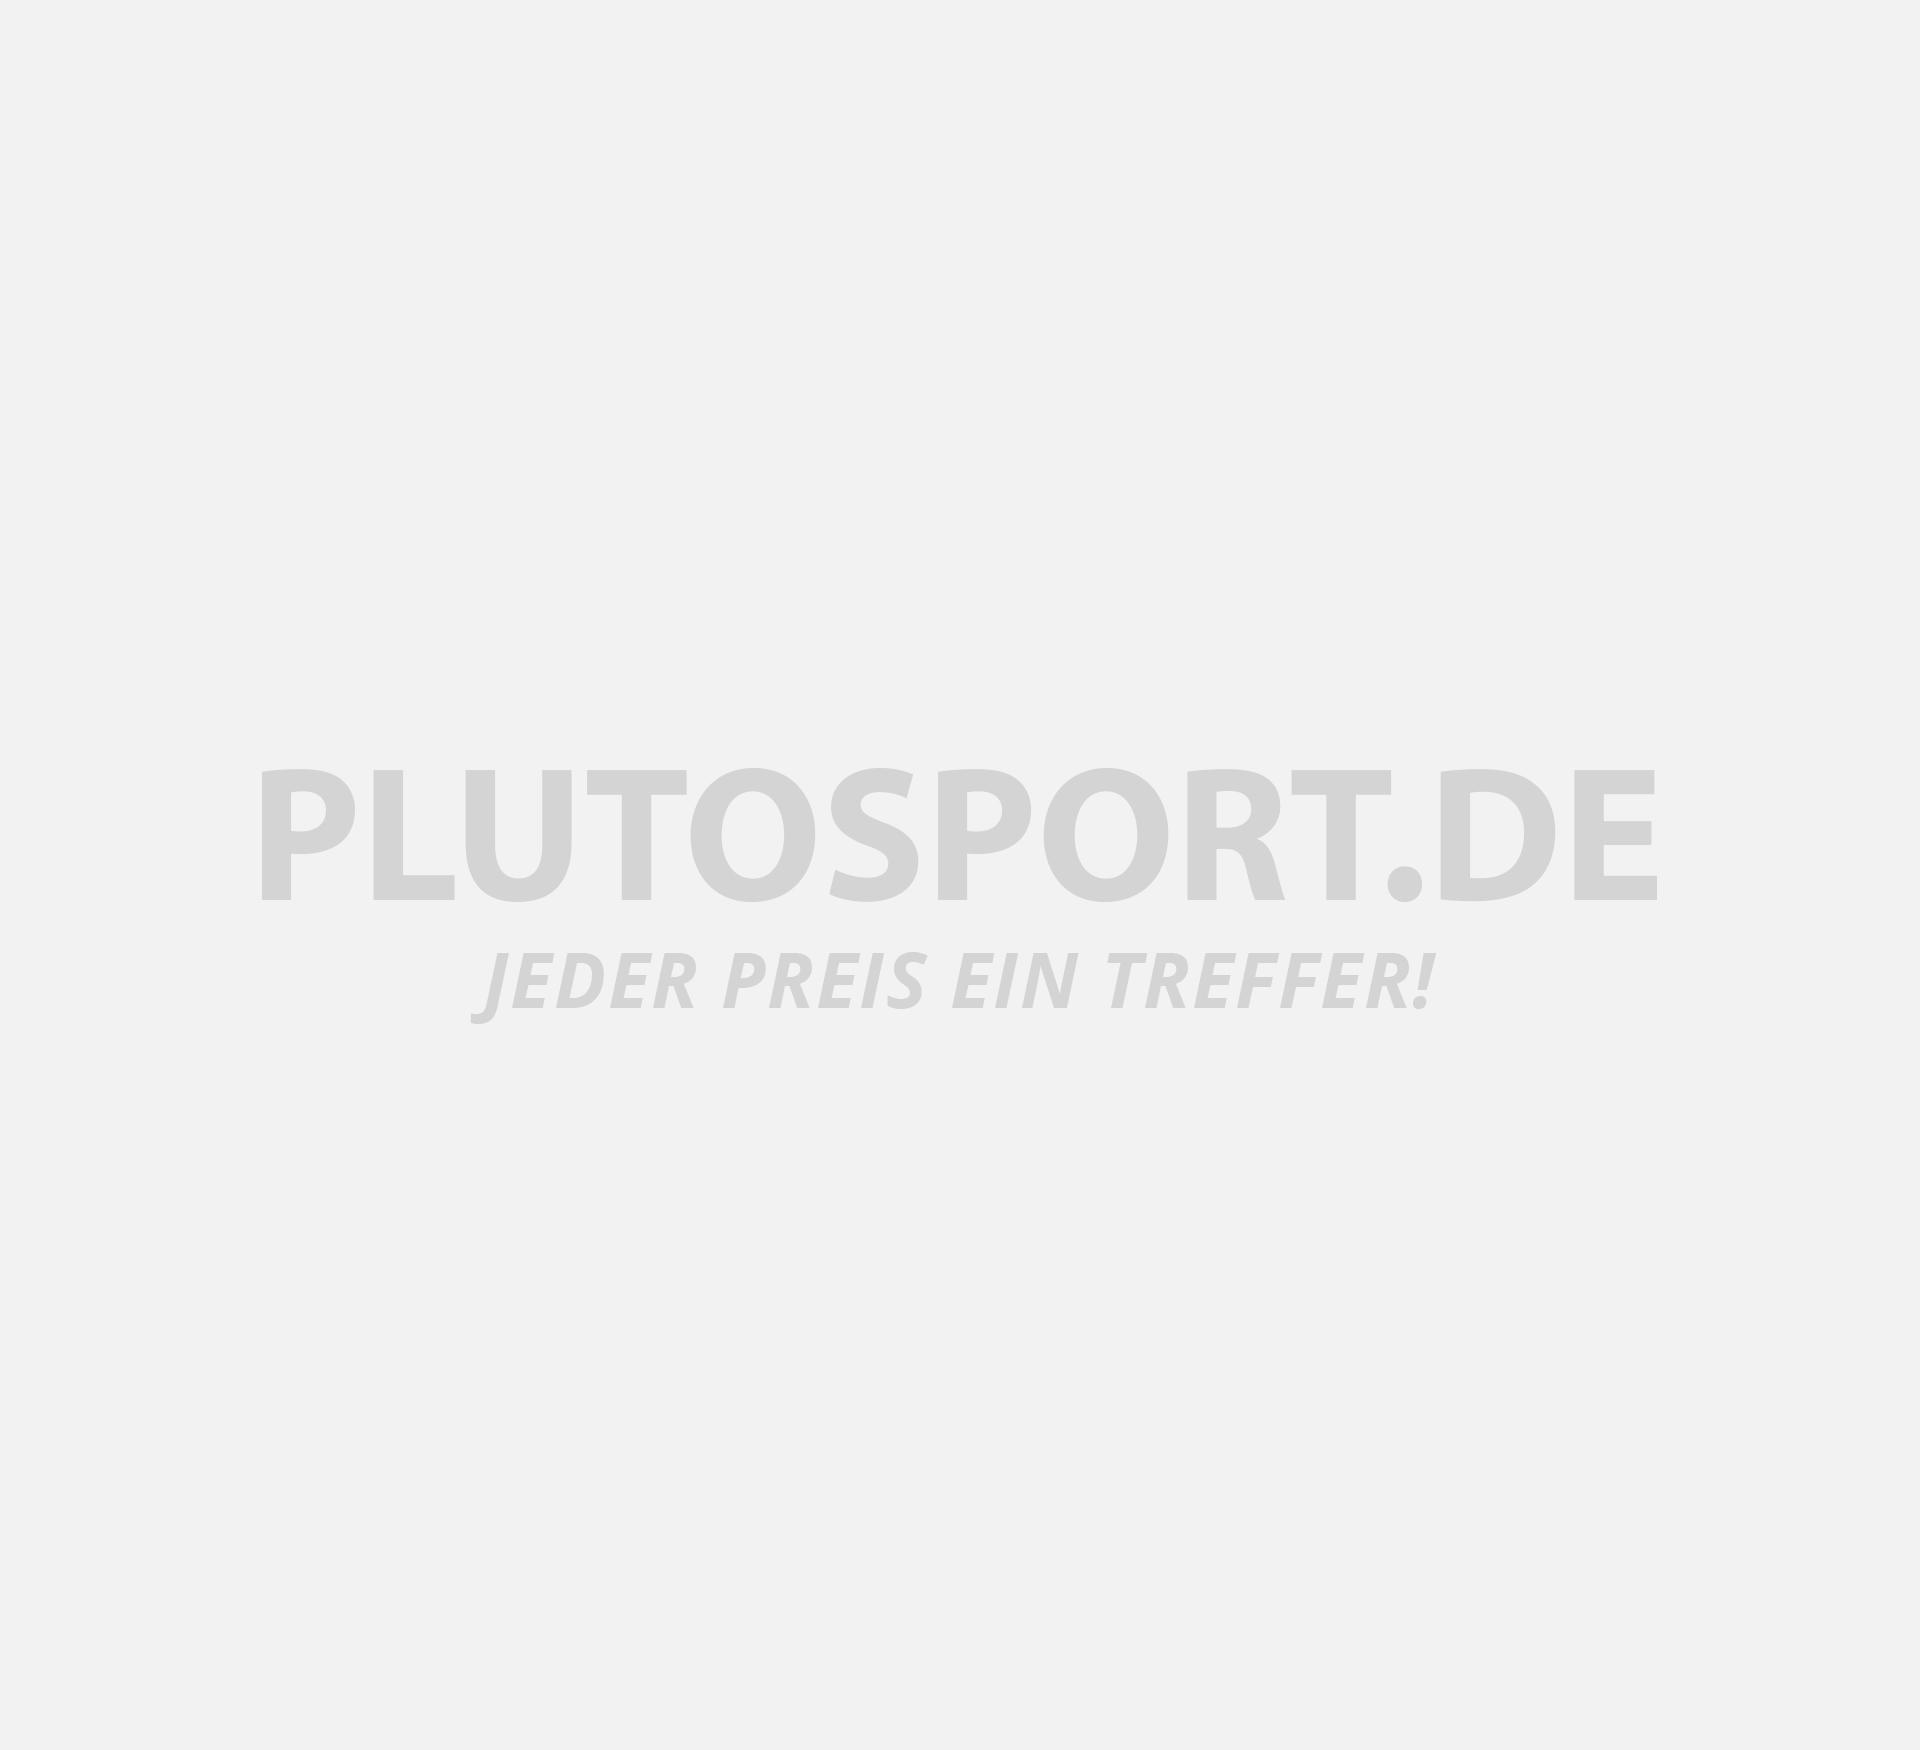 Björn Borg Lemonsplash Sammy  Boxershorts Herren (3-pack)